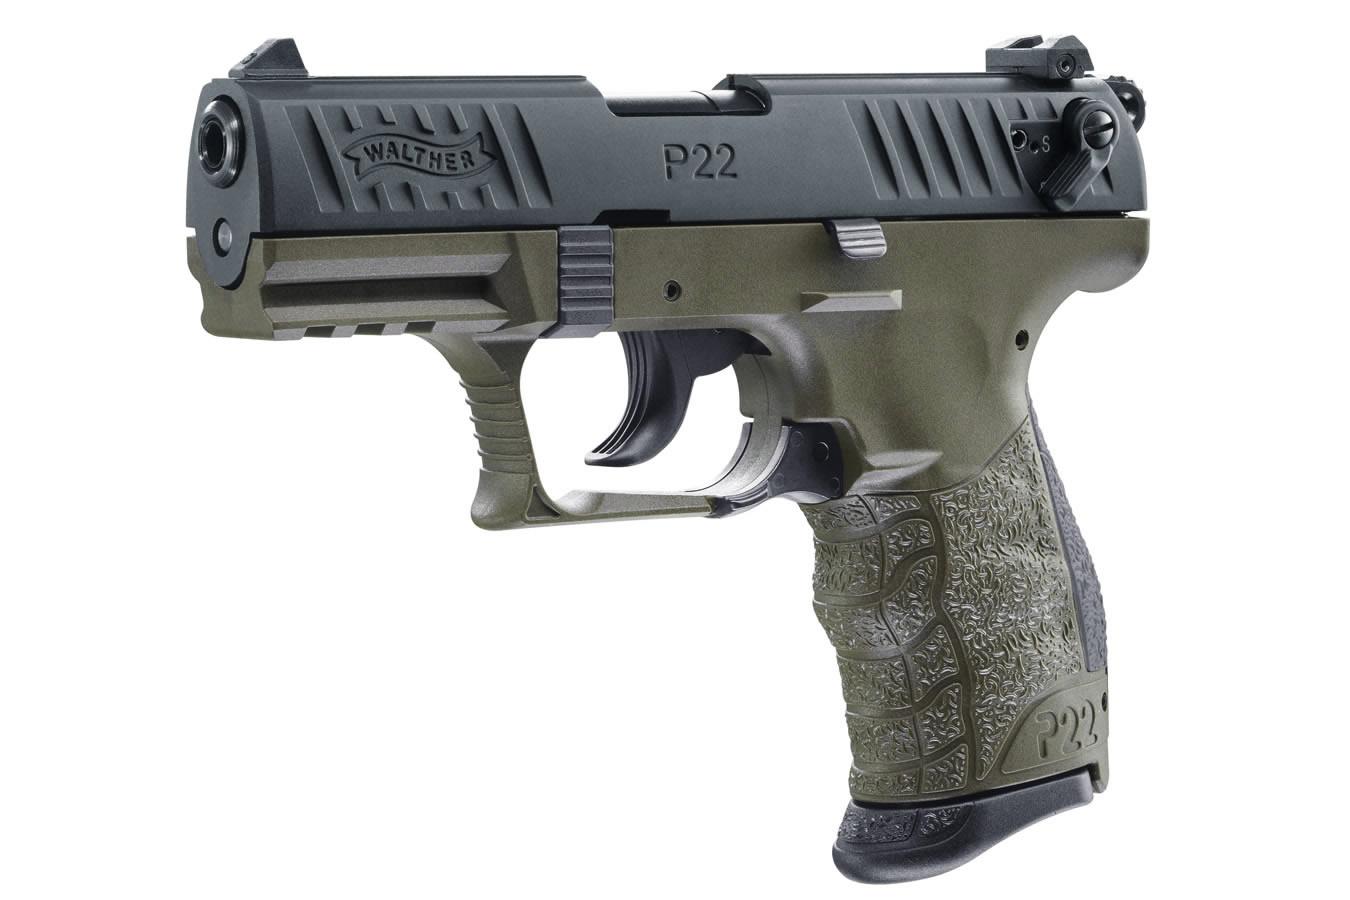 P22 Military 22LR Rimfire Pistol